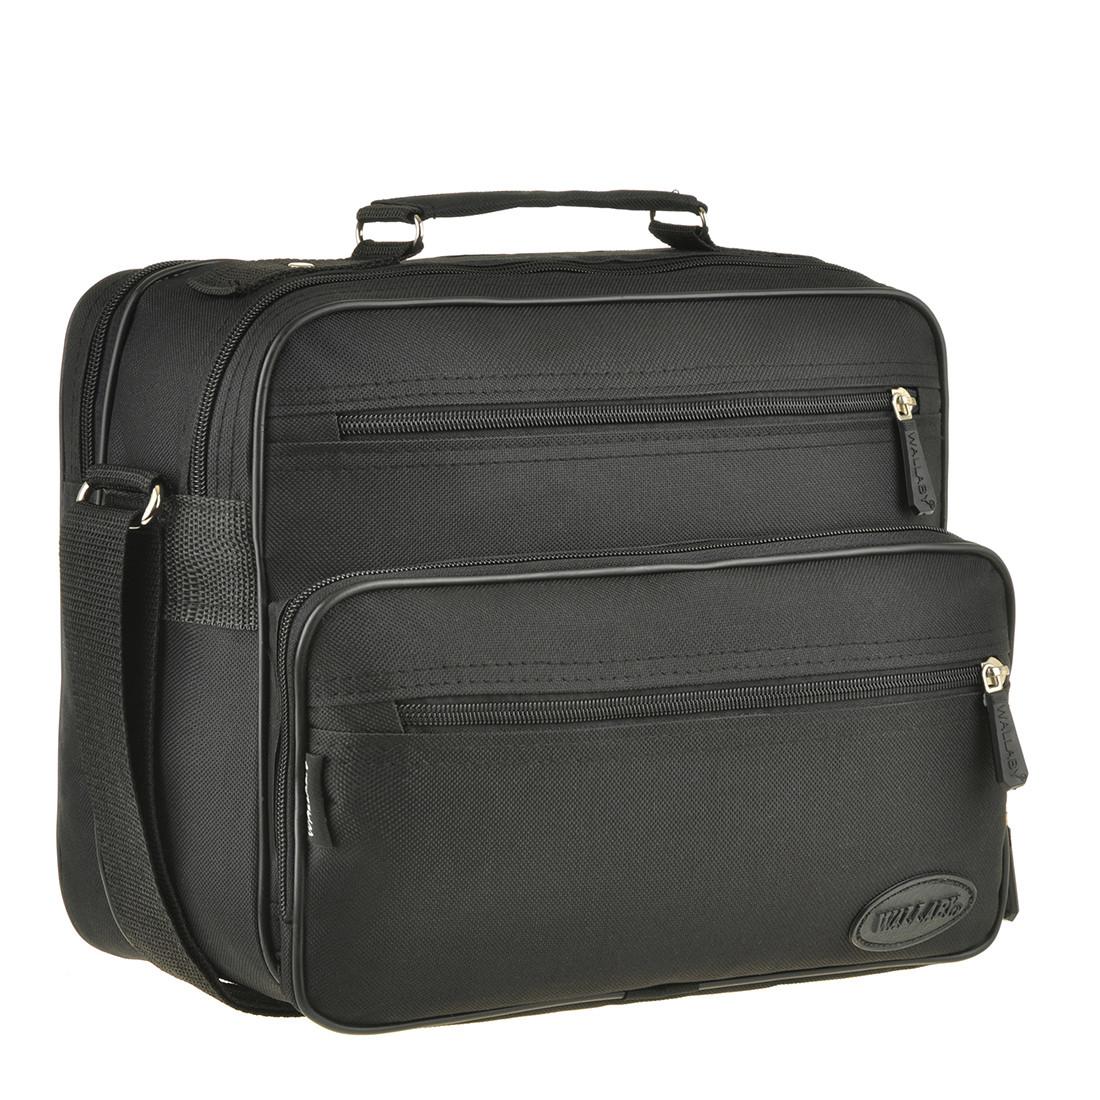 Чоловіча сумка Wallaby 26х24х16 тканина поліестер в 2410